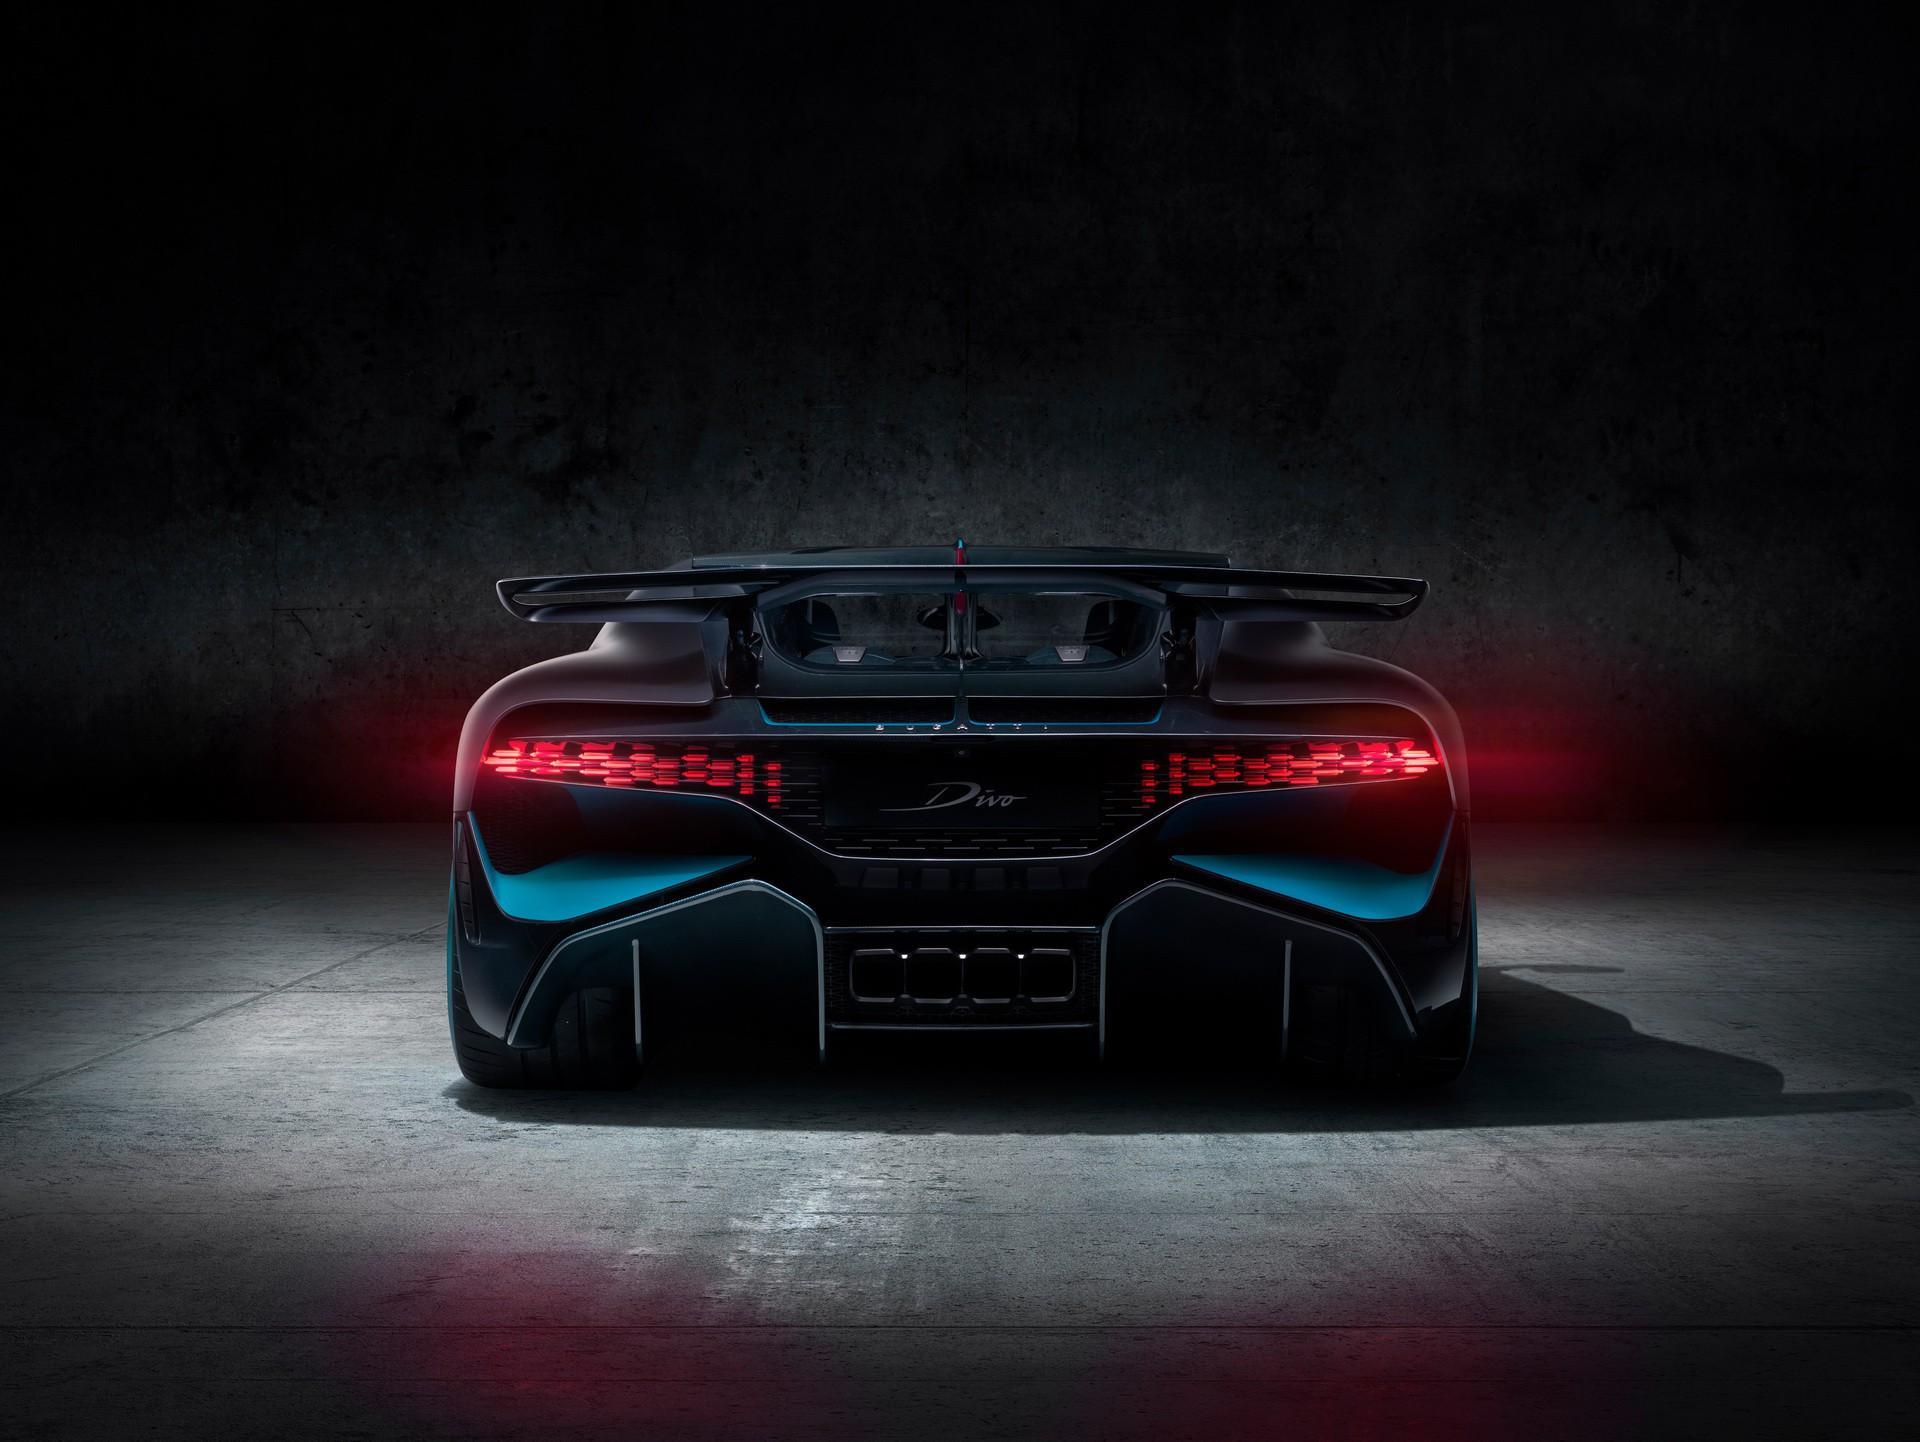 Mẫu Bugatti Divo đầu tiên sẽ được bán ra với mức giá hơn 5,4 triệu USD Ảnh 6